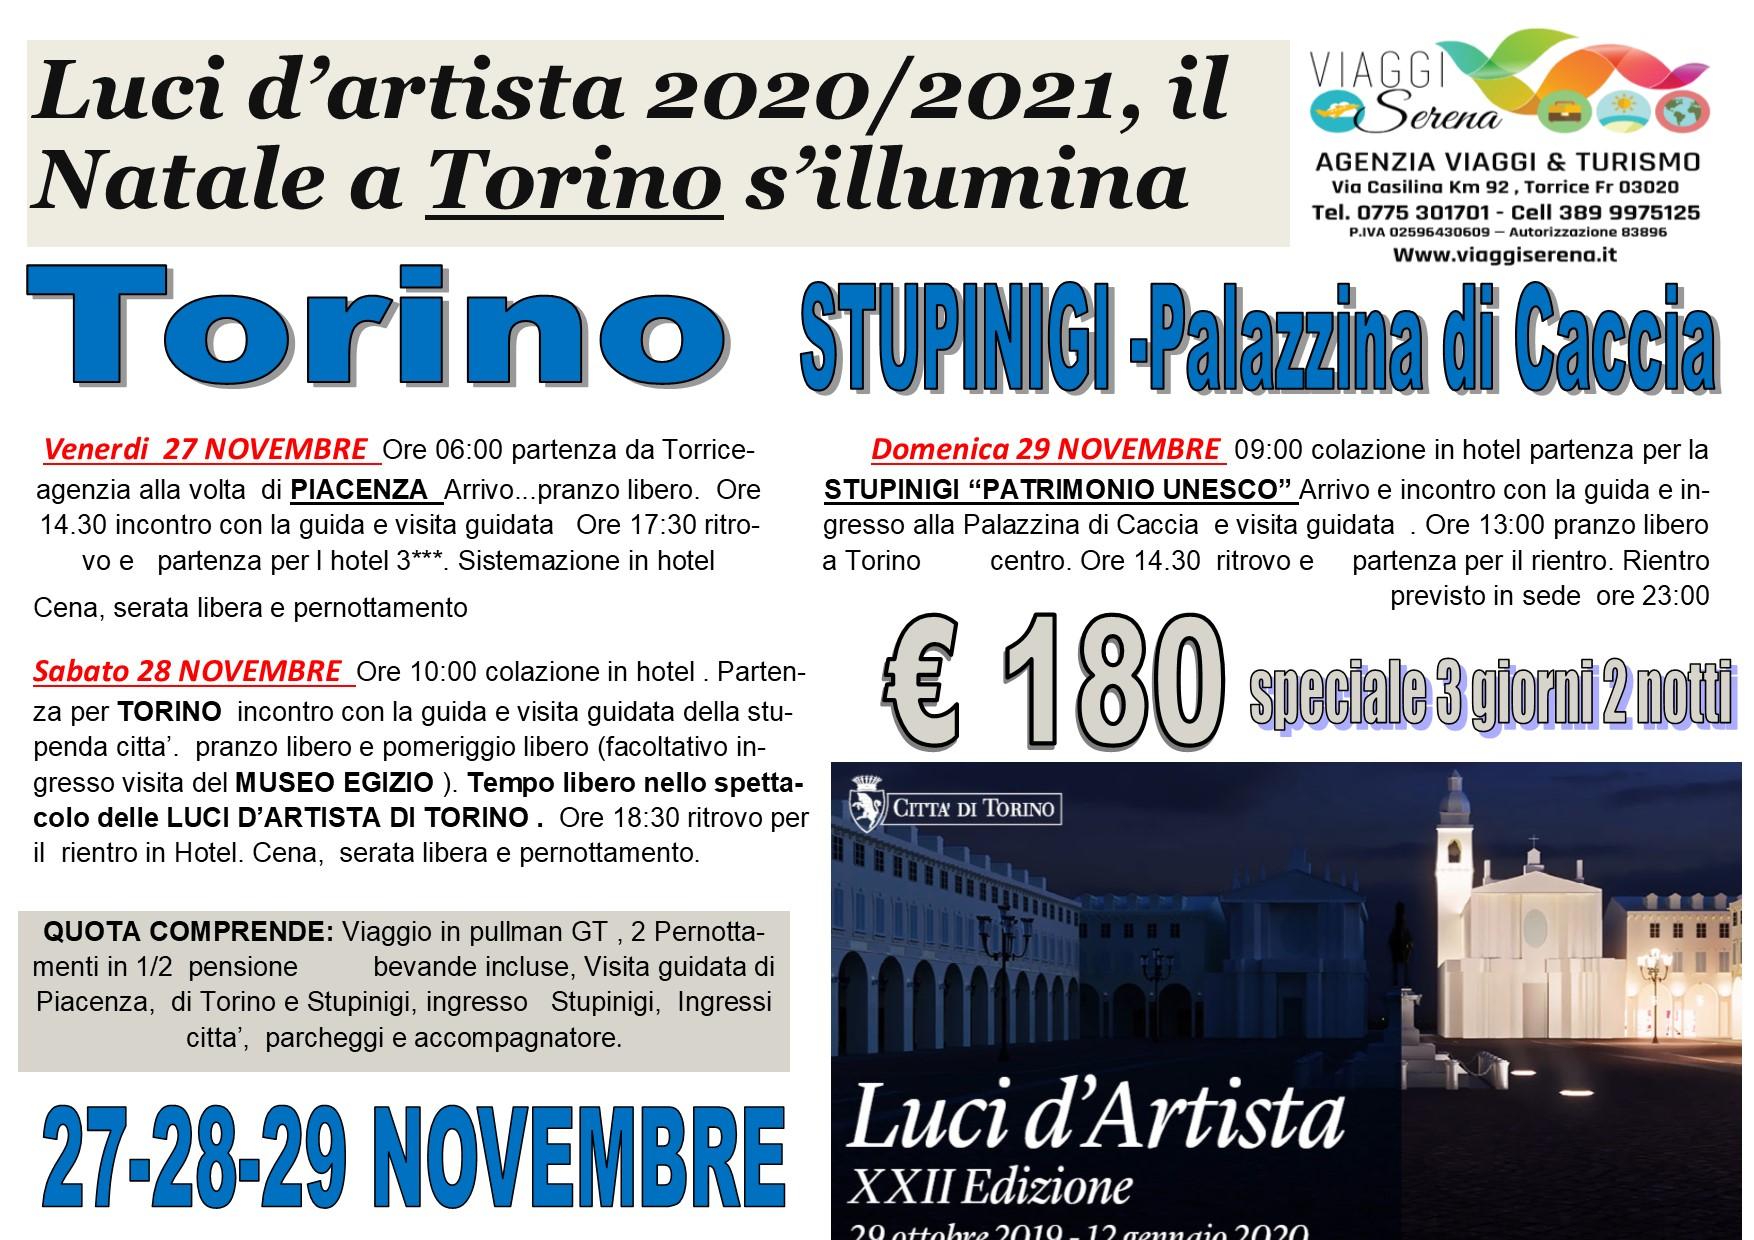 Viaggi di Natale:  Luci d'artista TORINO, Piacenza & Stupinigi  27-28-29 Novembre  € 180,00